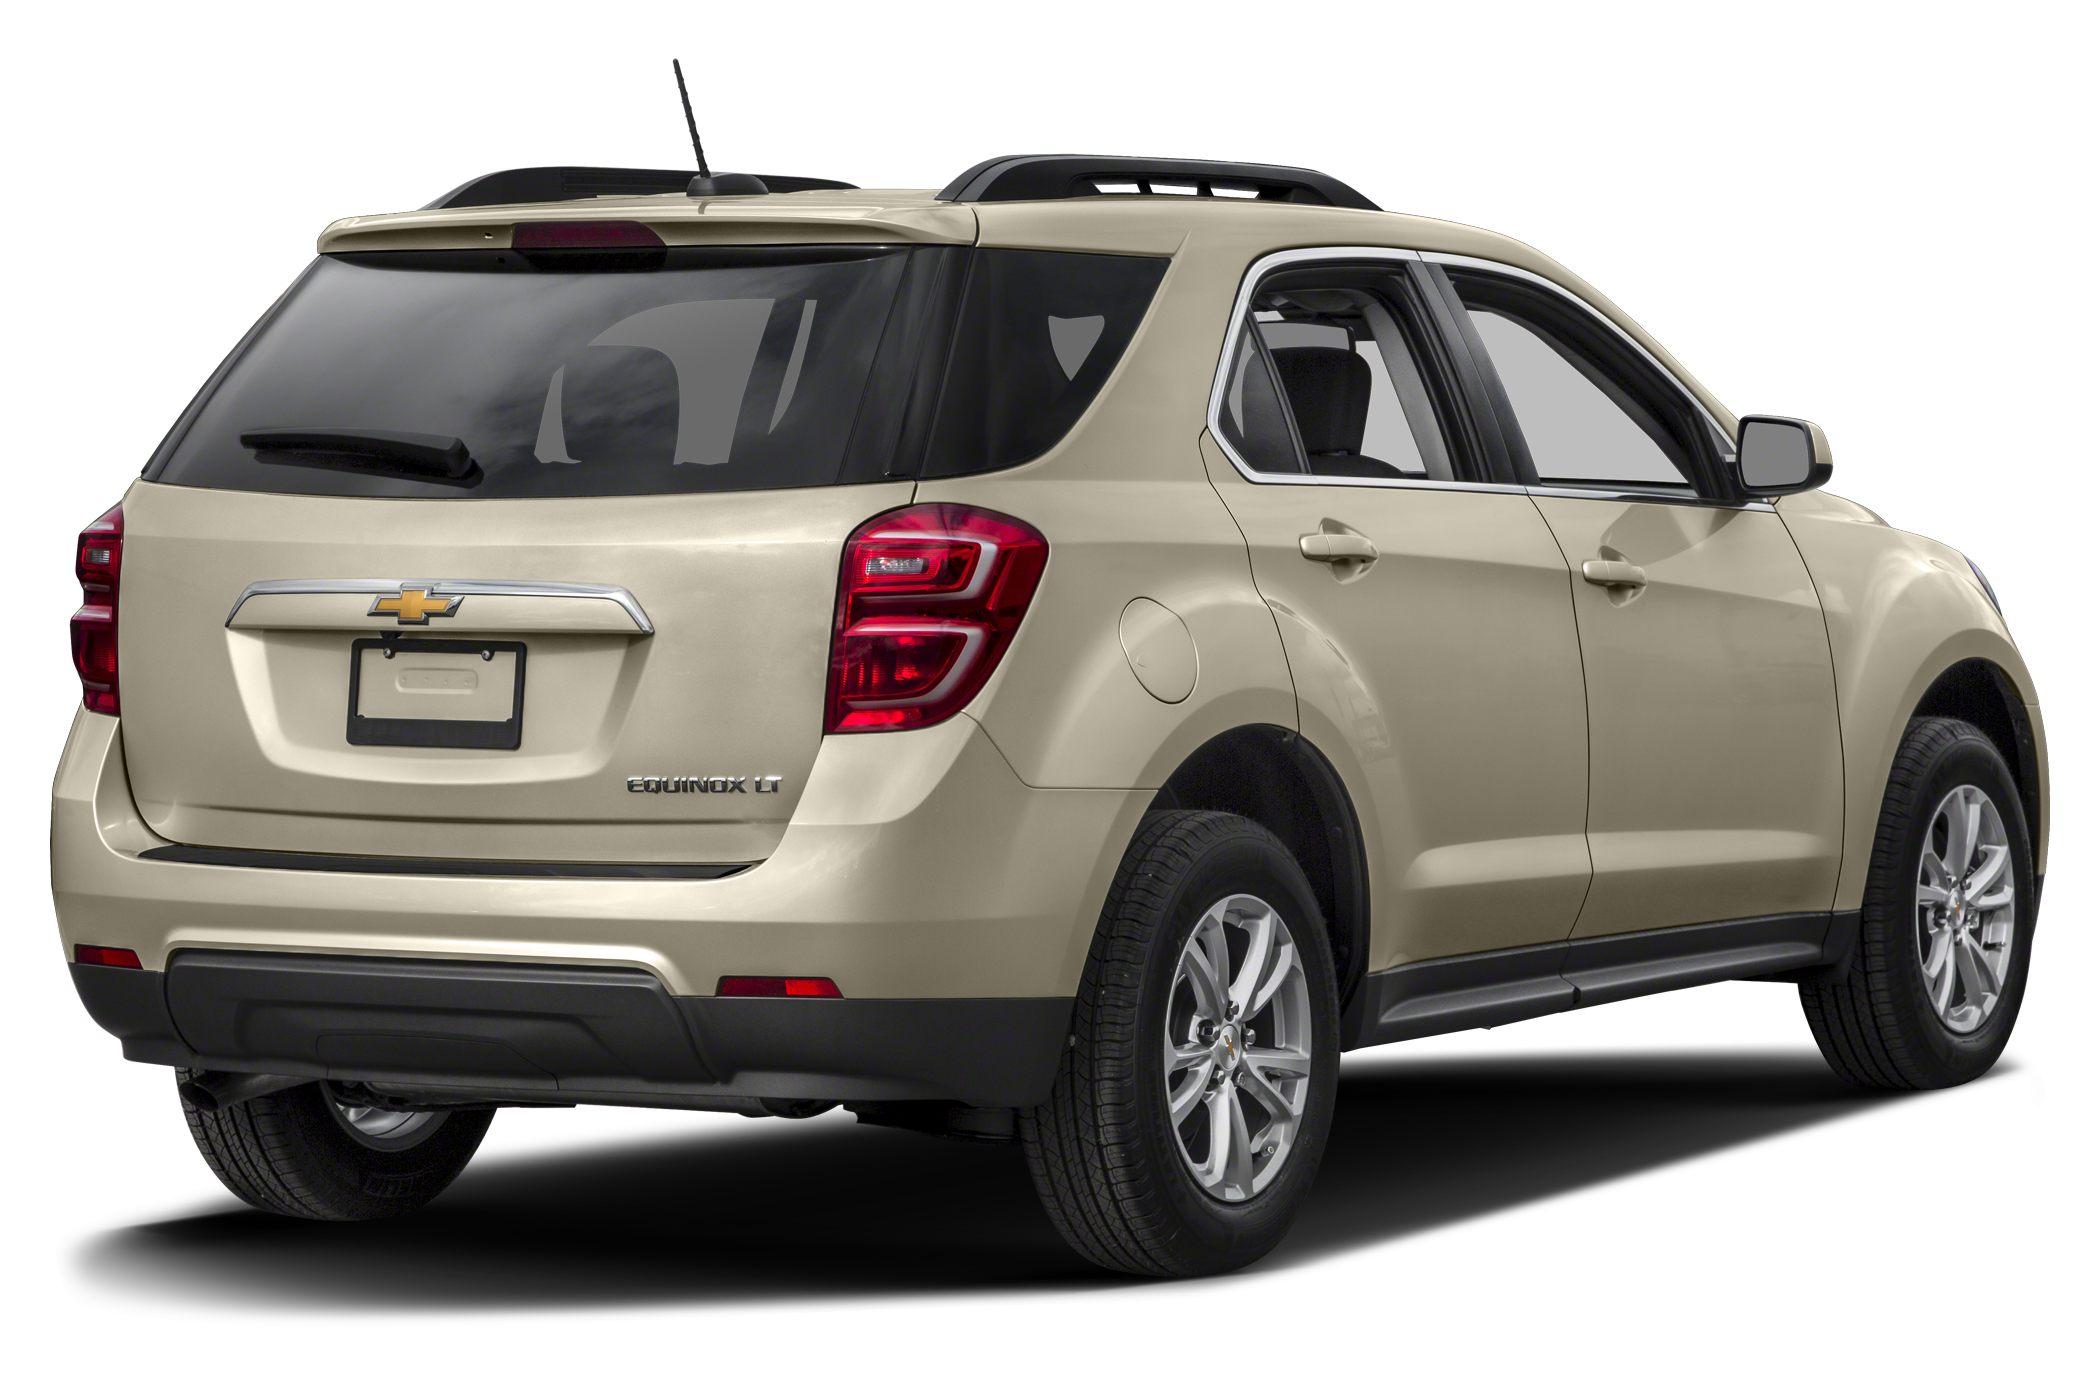 2017 Chevrolet Equinox Reviews, Specs and Prices | Cars.com